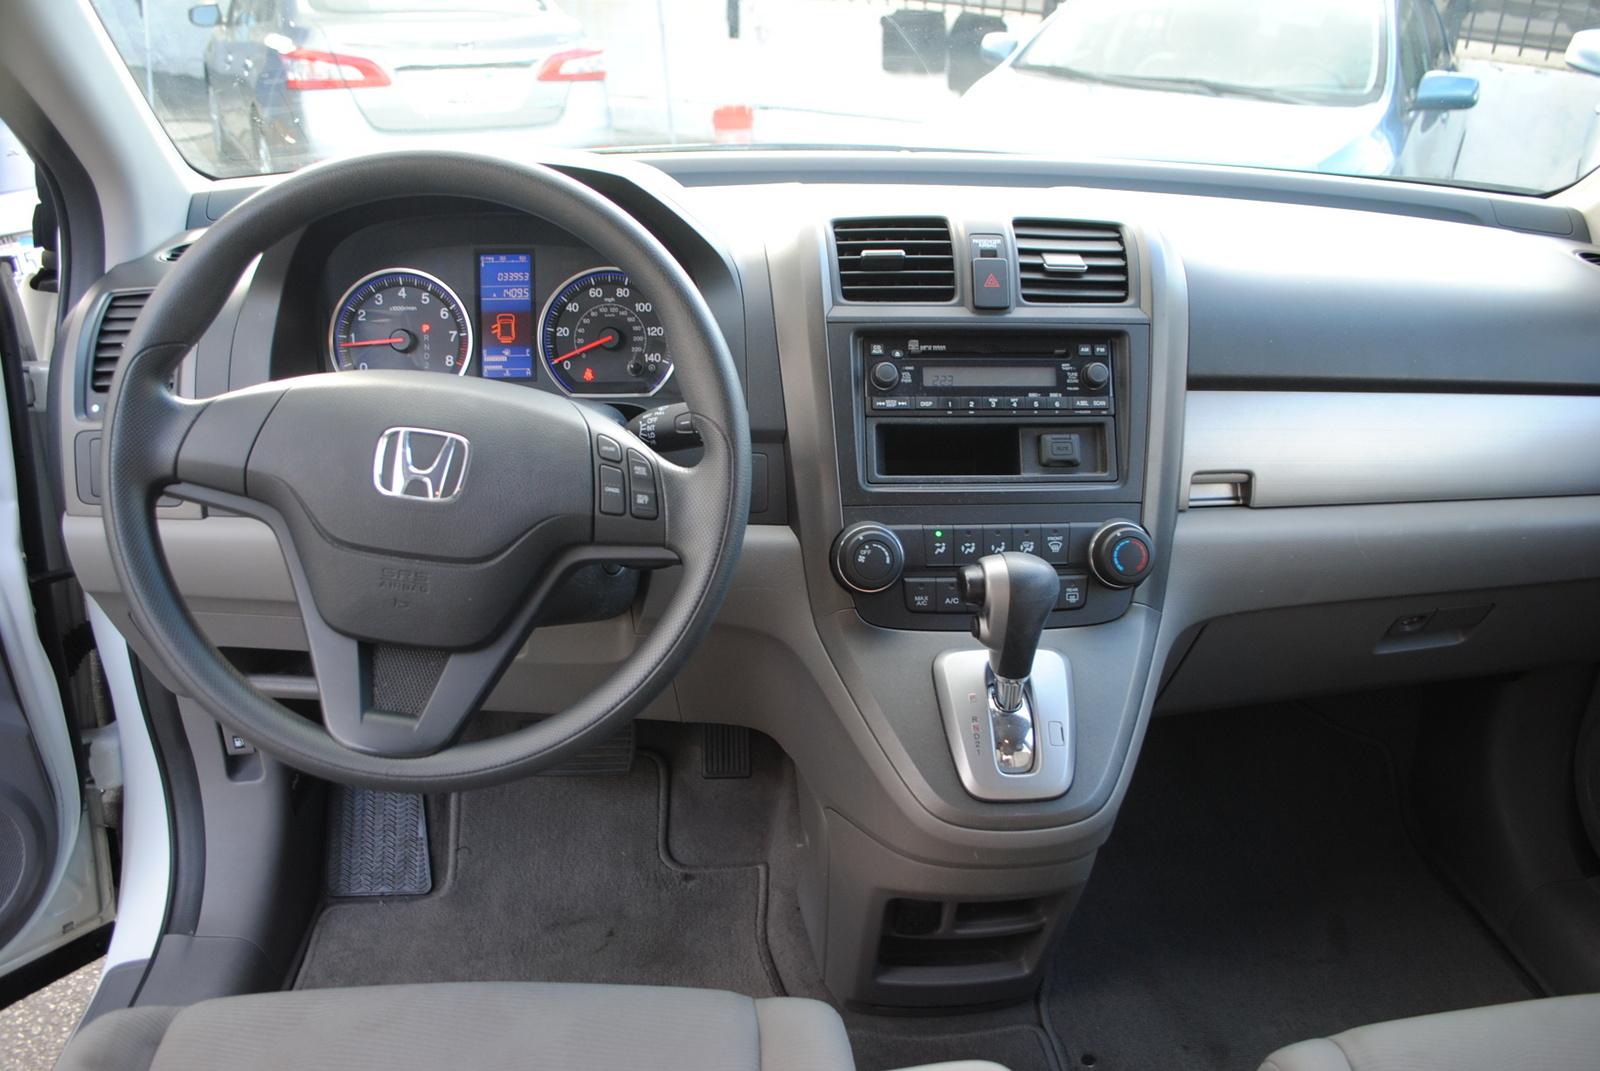 Honda Cr V Lx Pic on Crx Garage